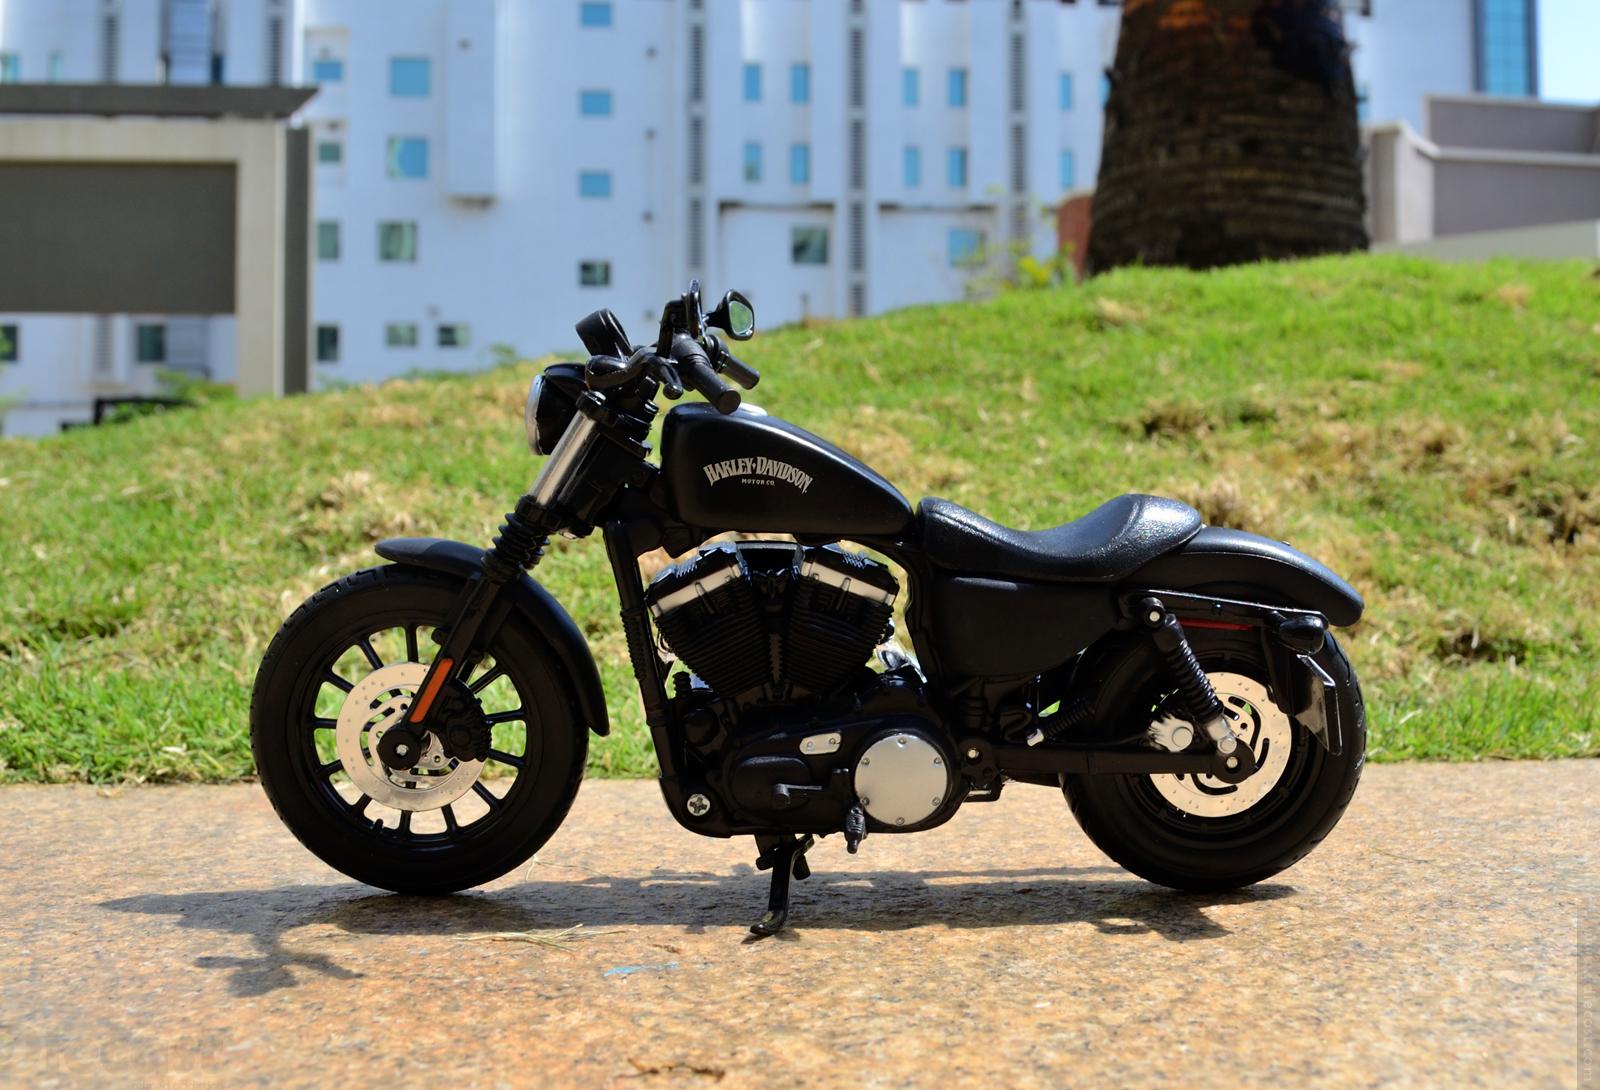 Maisto Harley Davidson Sportster Iron 883 2014 - Stance